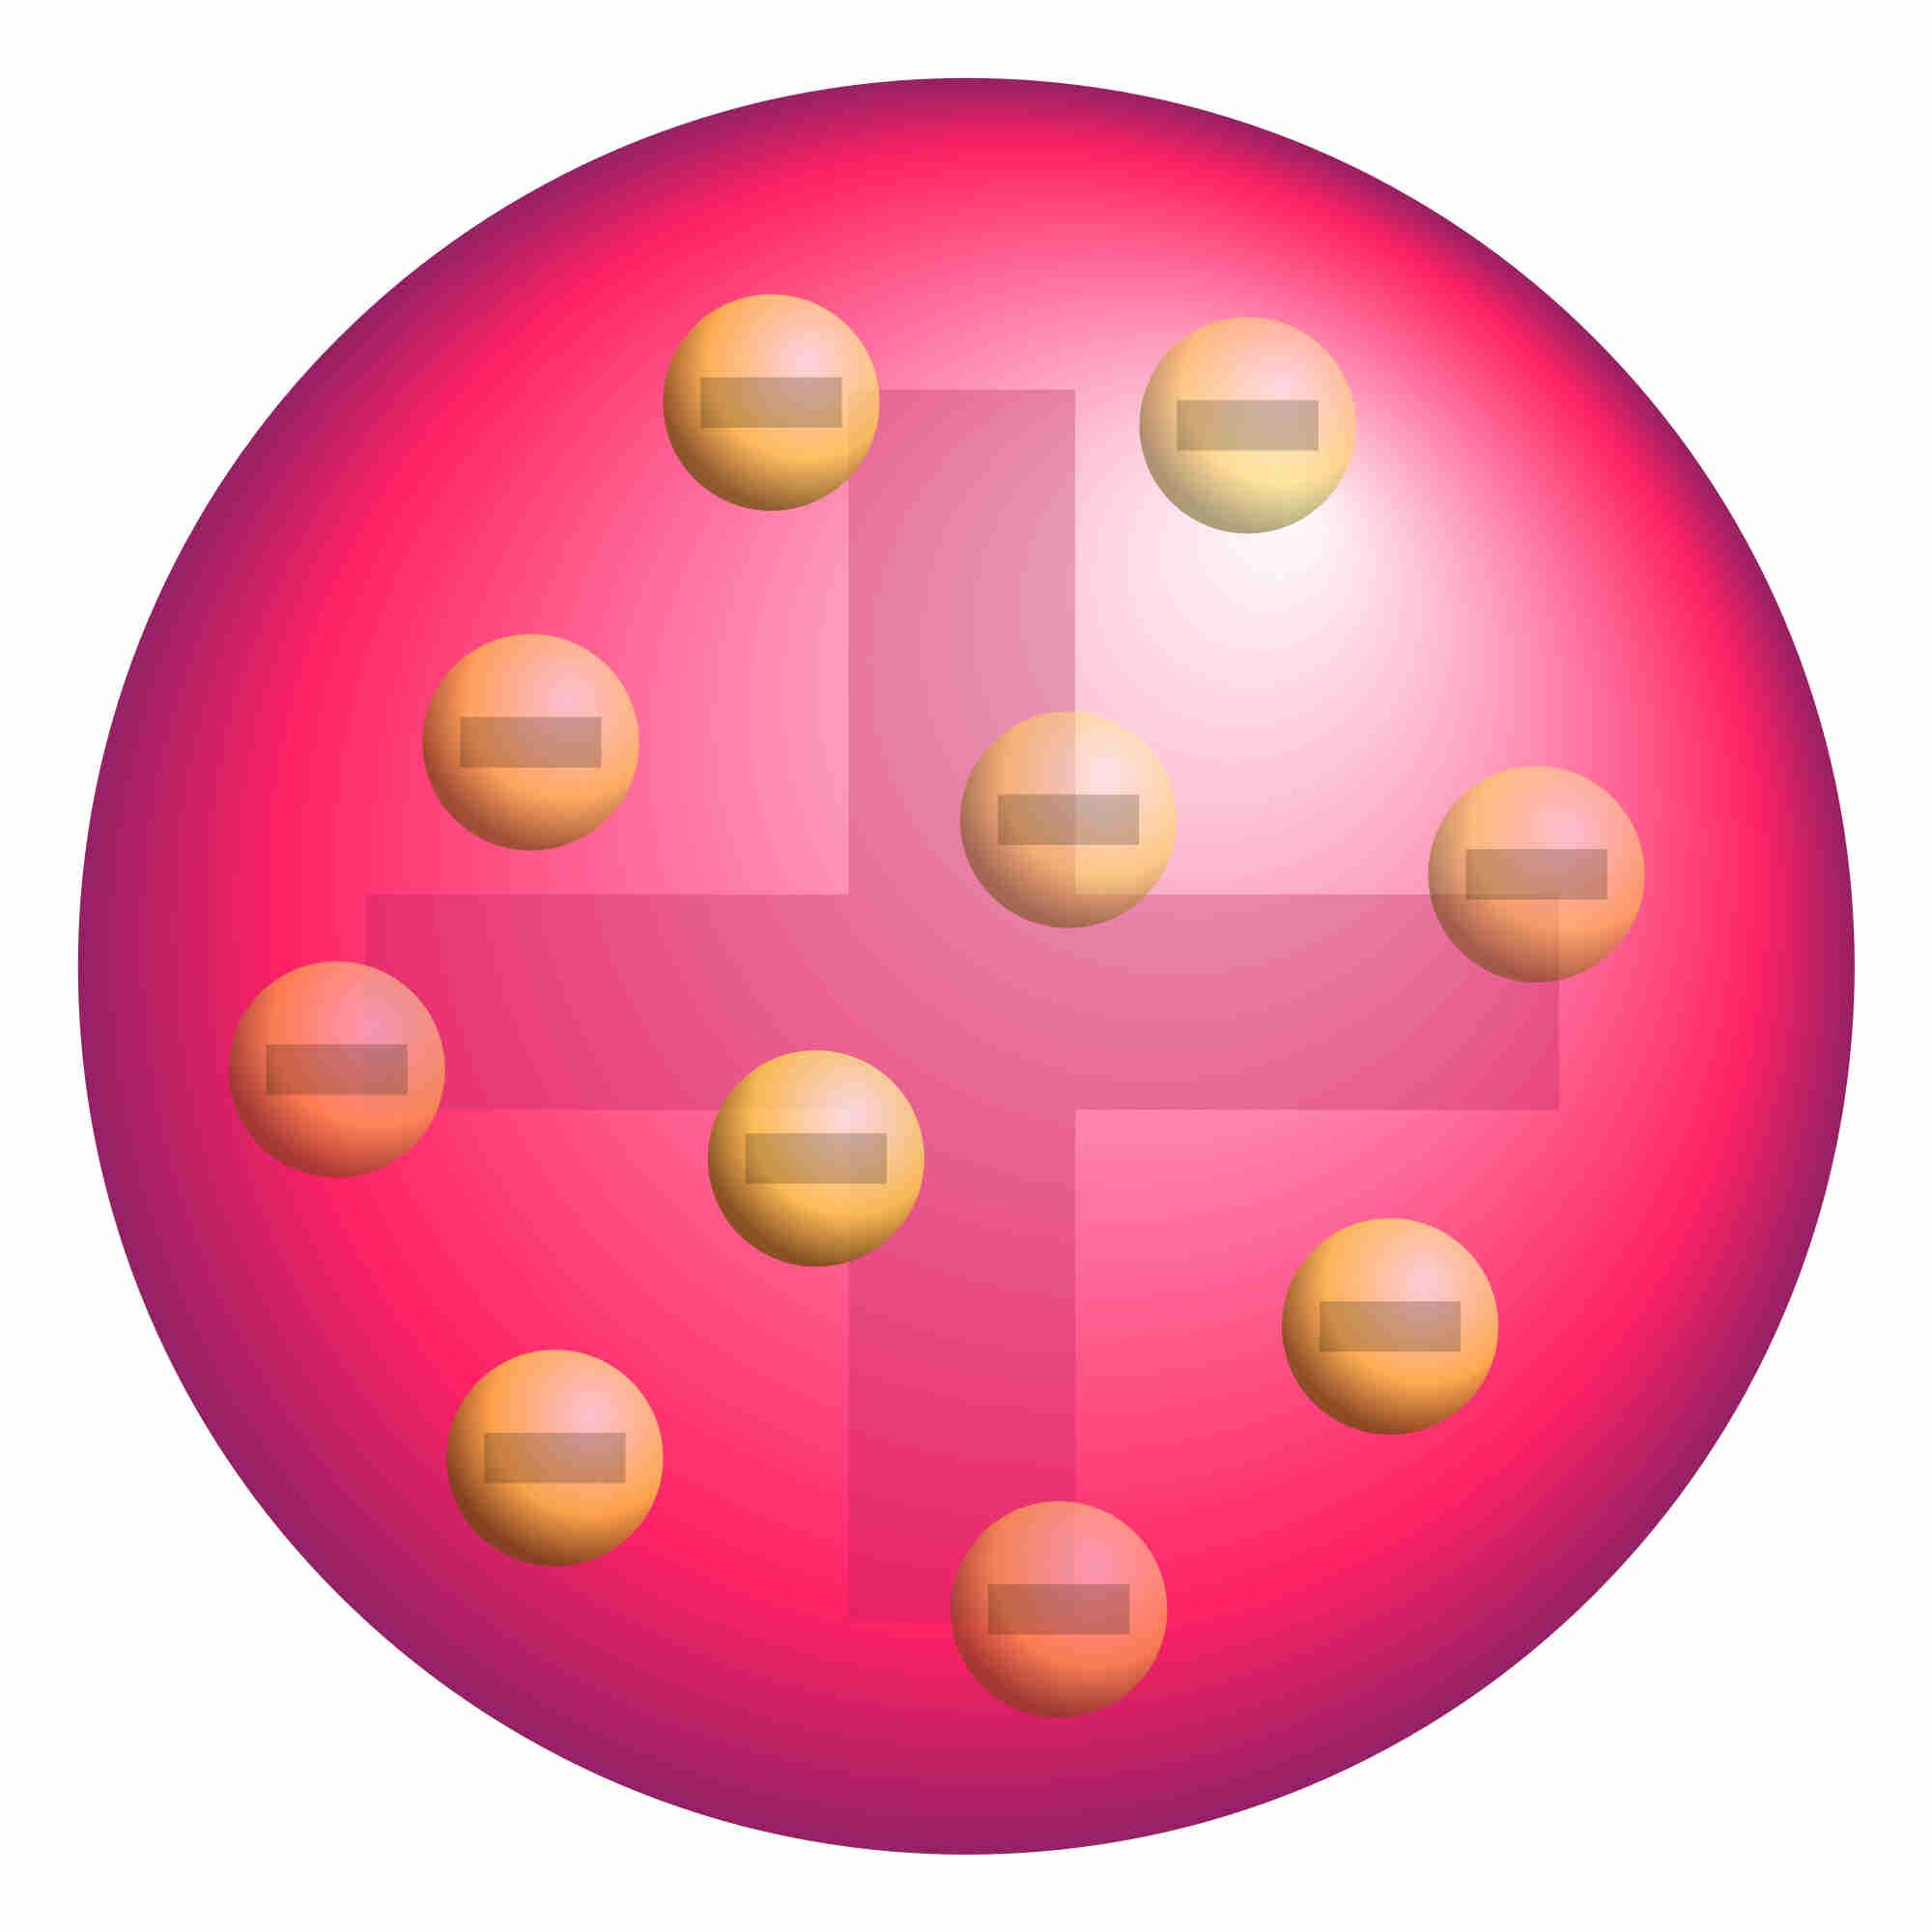 Modelo atômico de Thomson: características e postulados 1